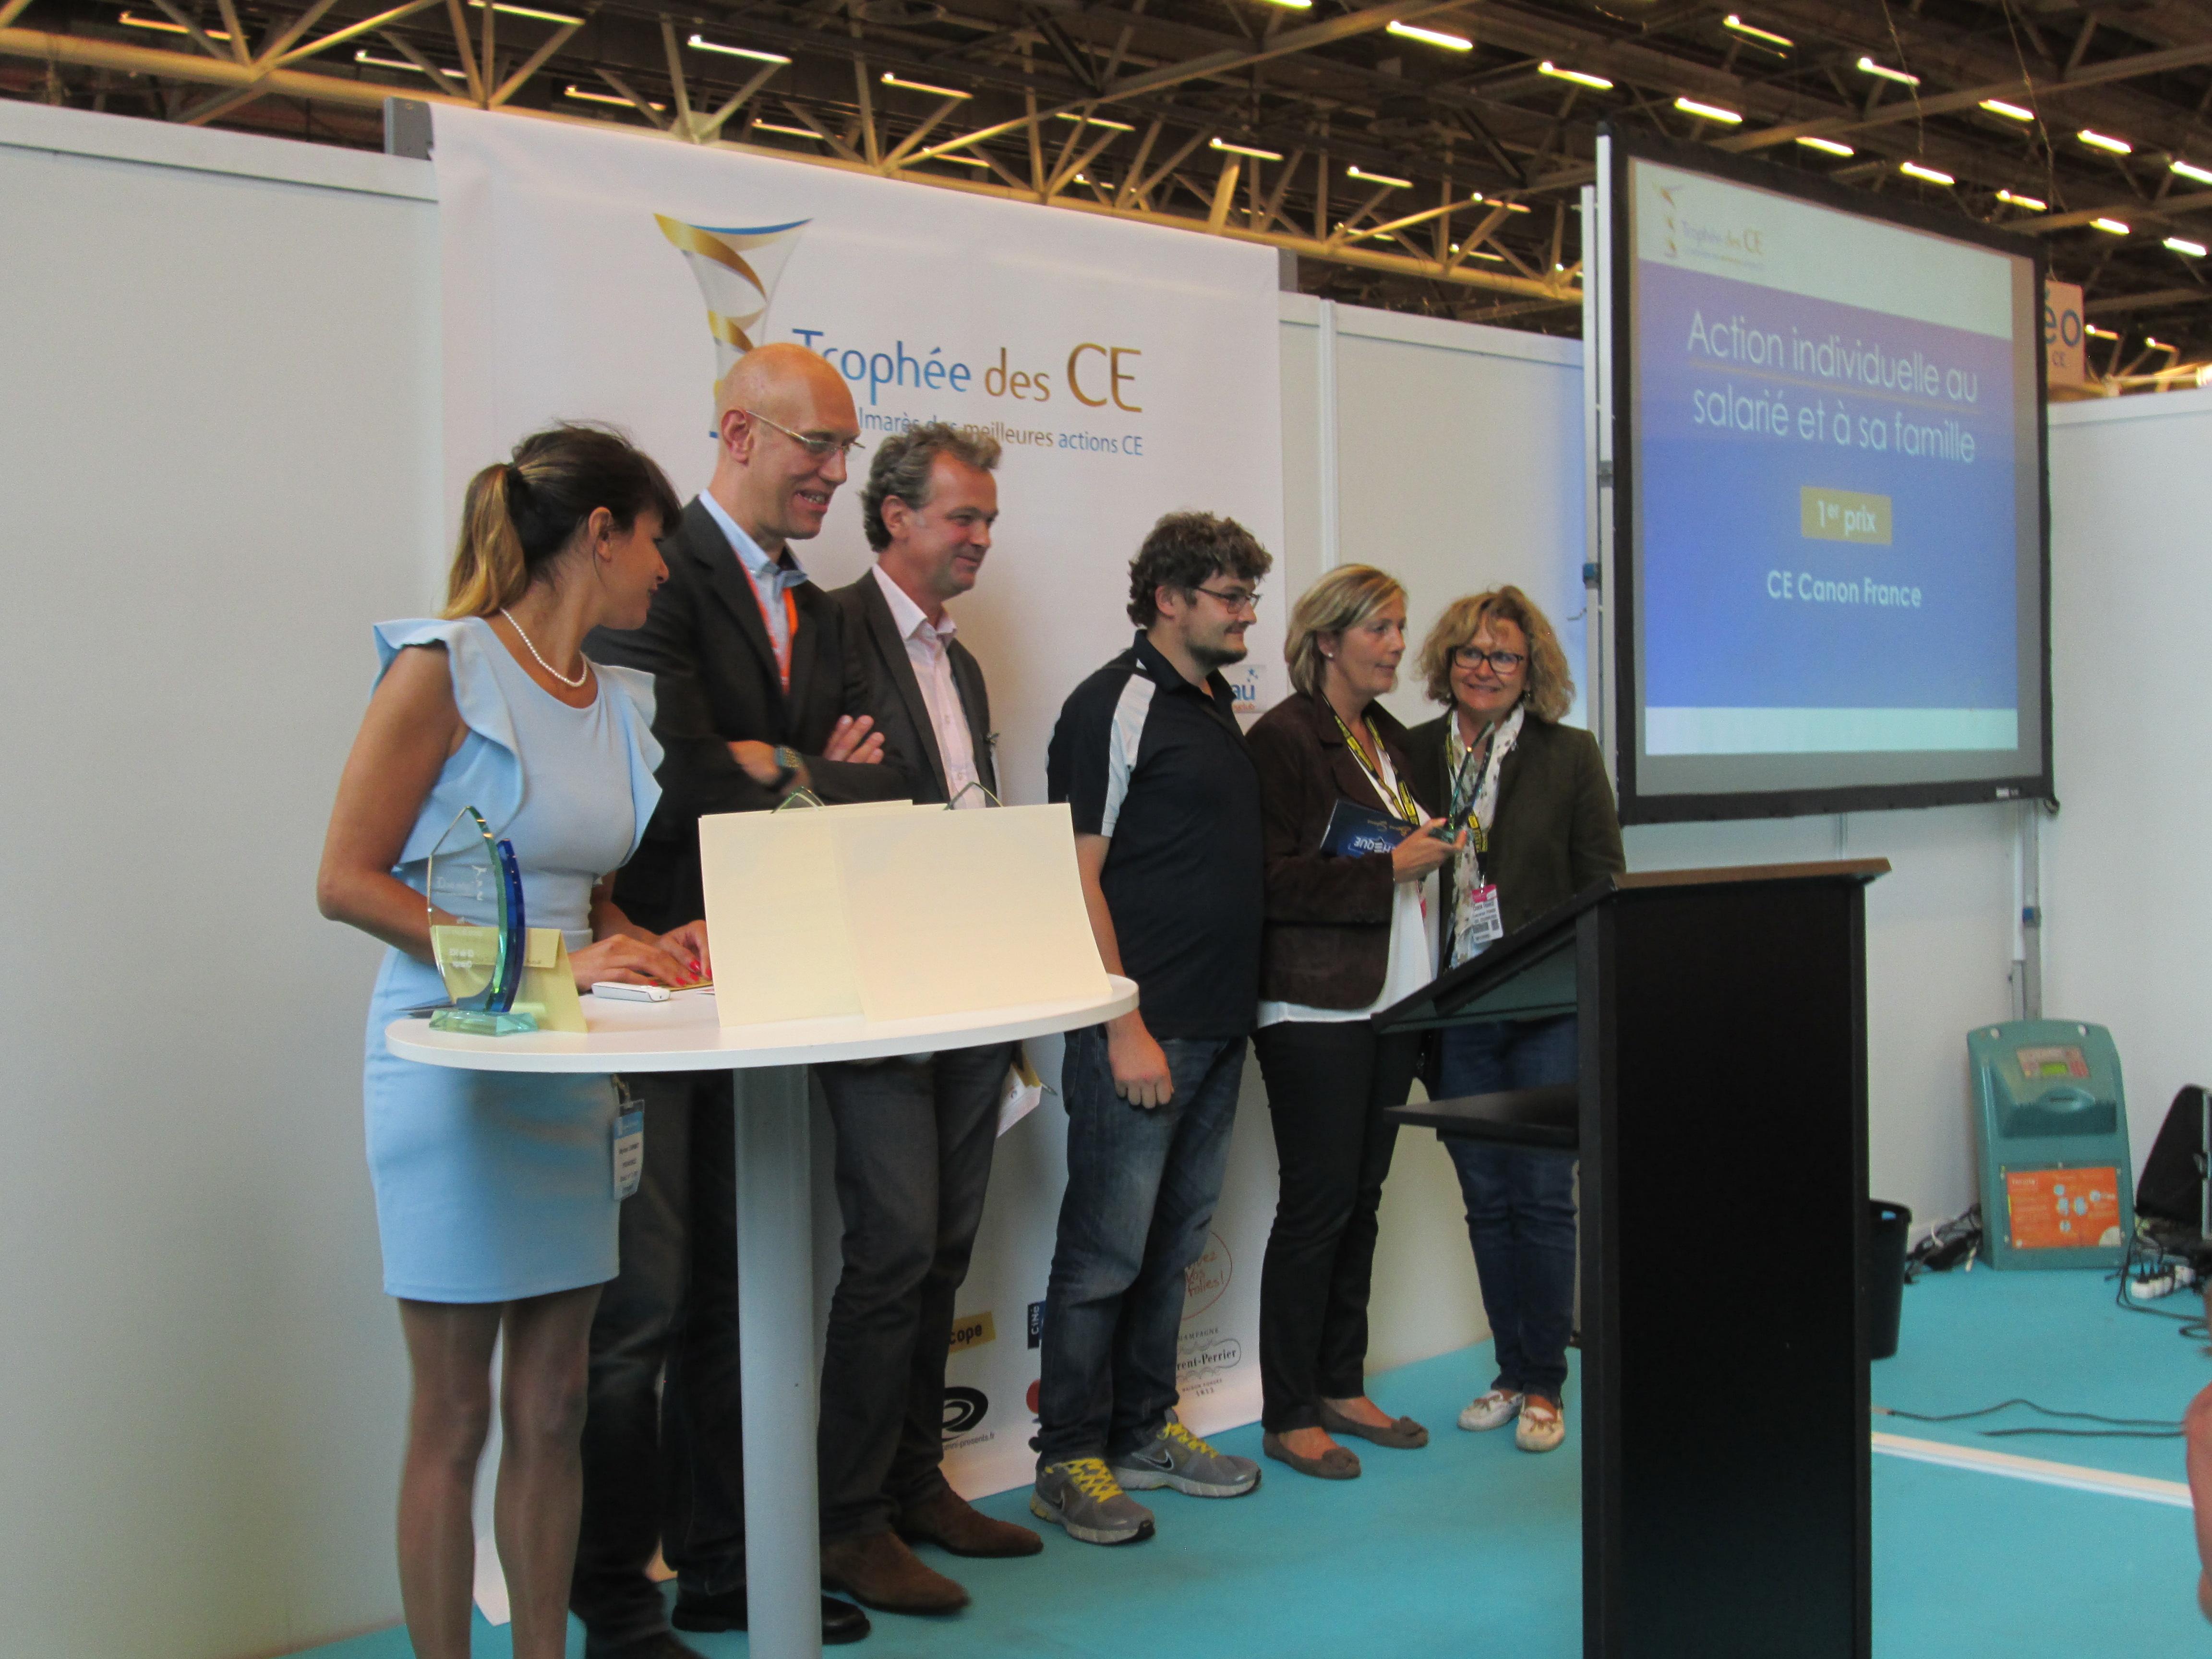 La remise des Trophées annuels des CE remis au SalonsCE d'automne de Paris - DR : M.S.